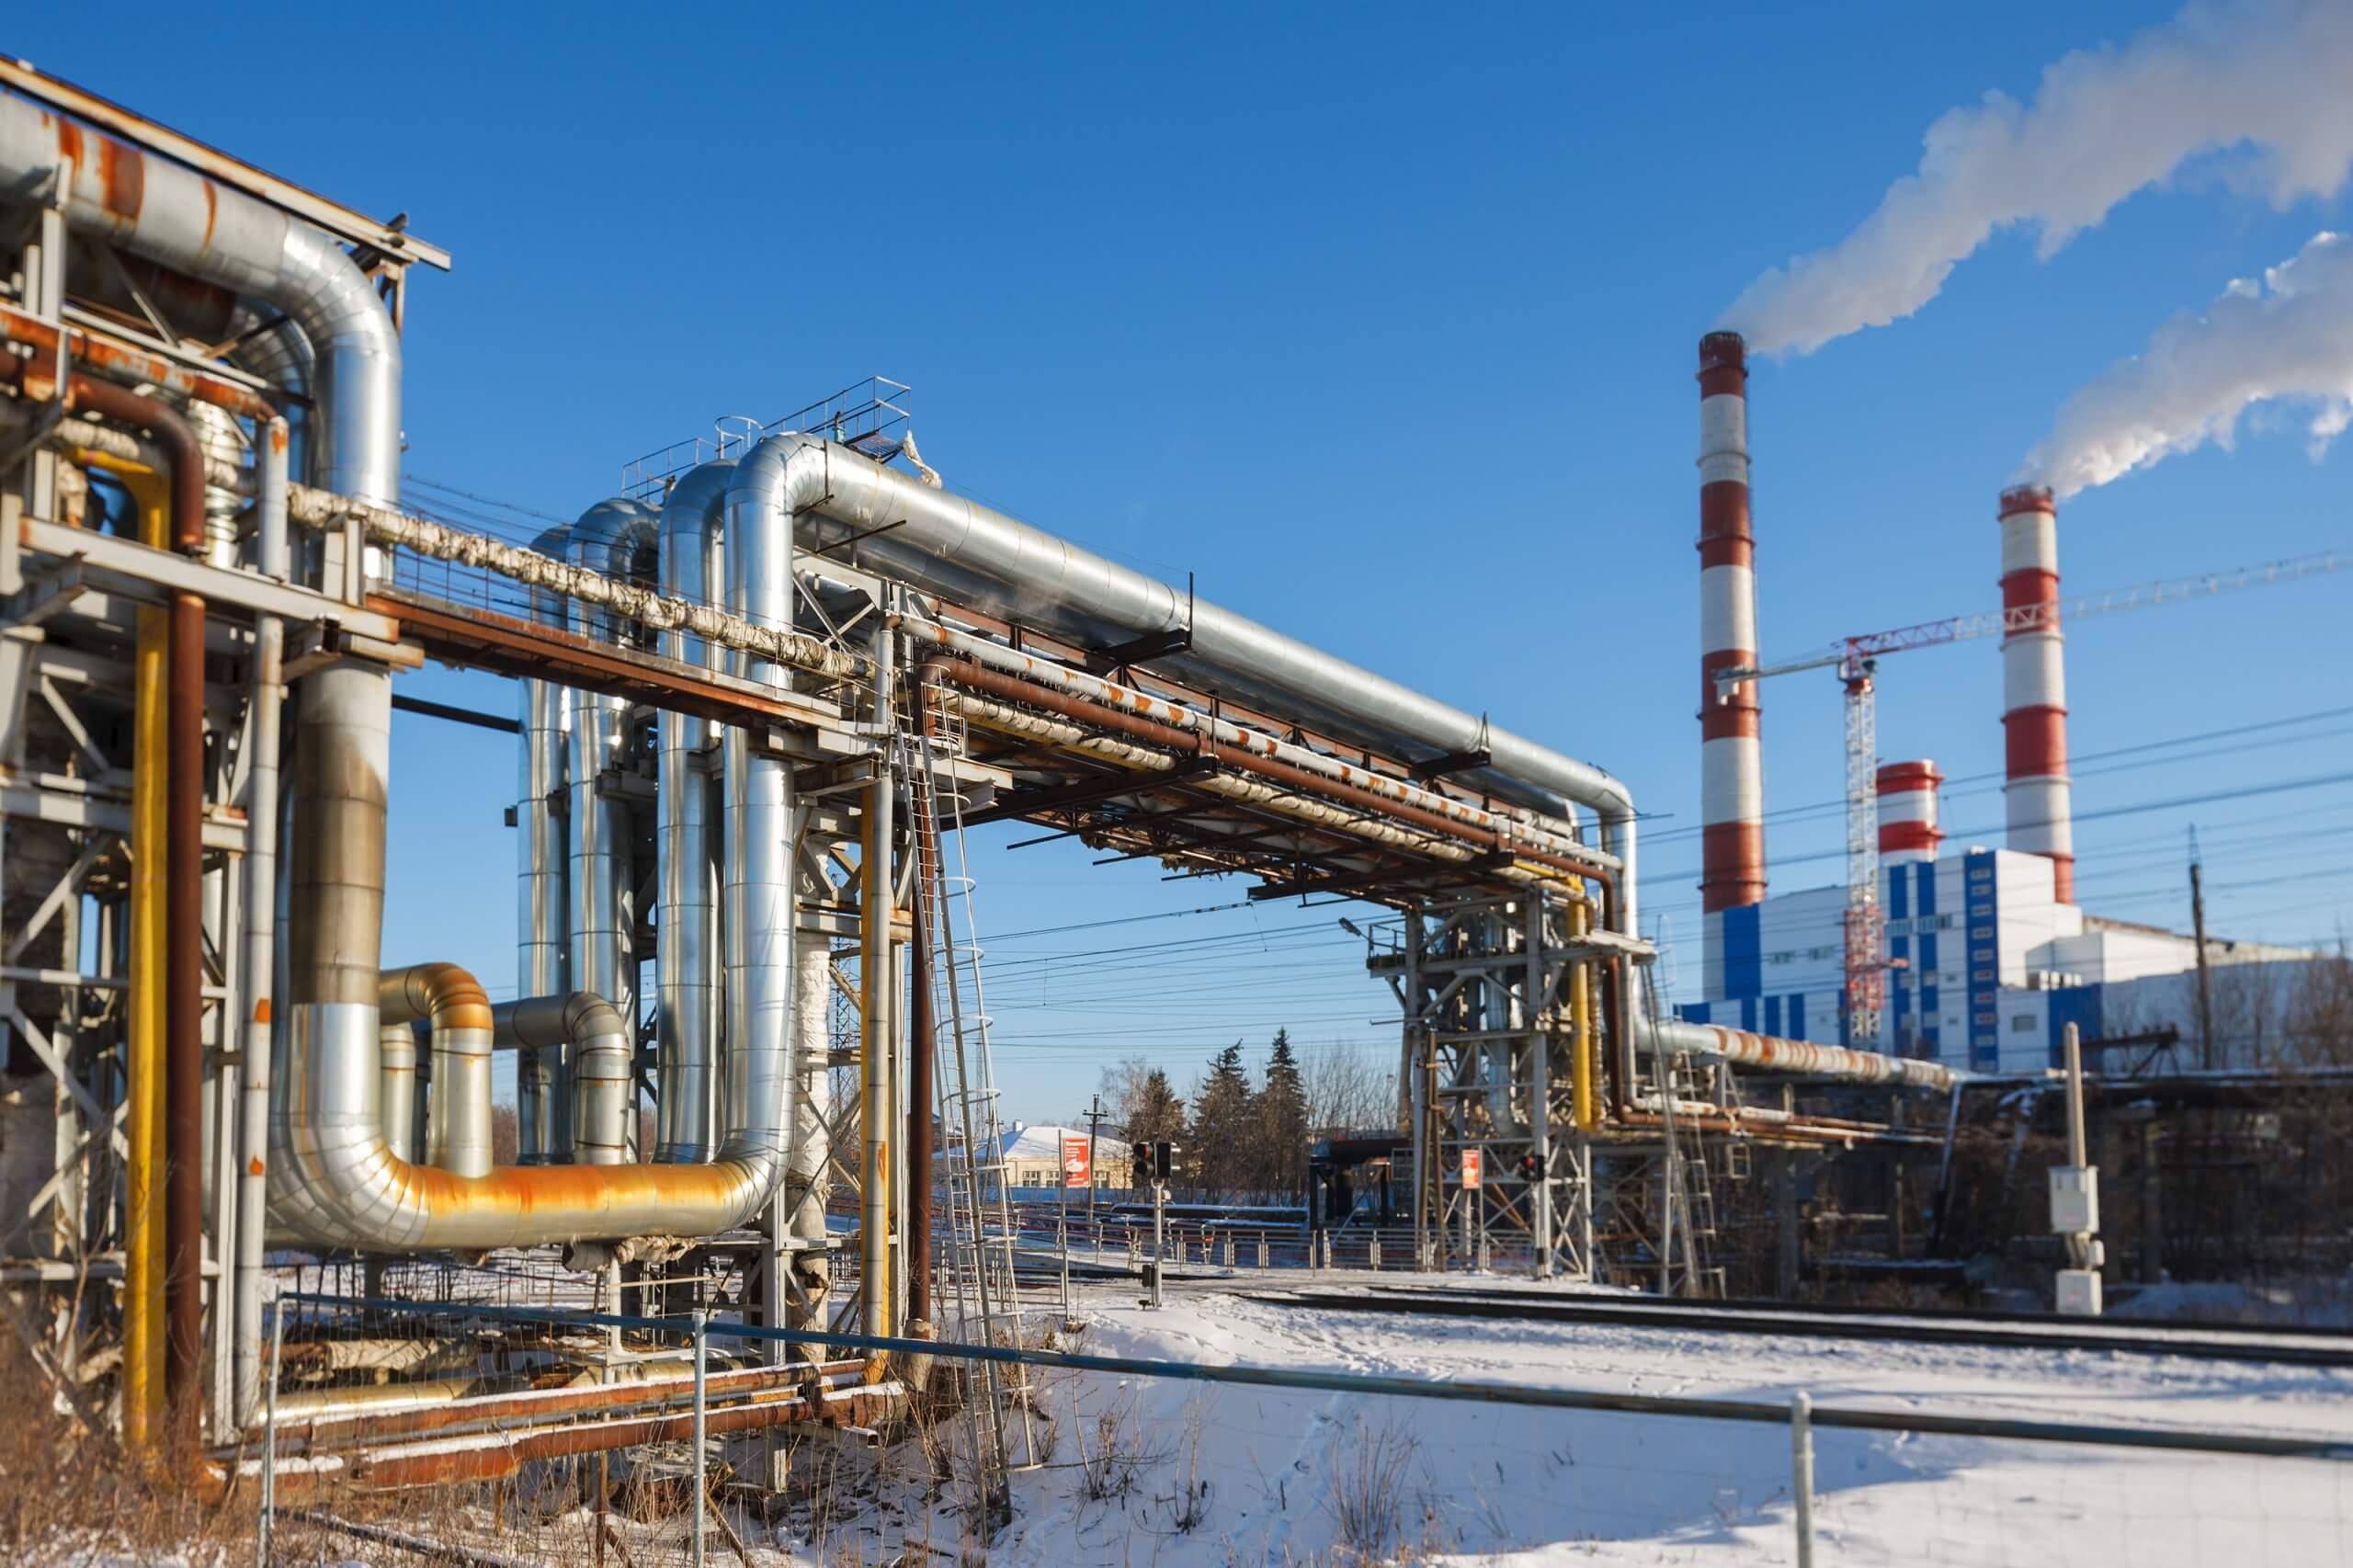 България е сред 5-те страни с най-скъпи газови проекти в ЕС